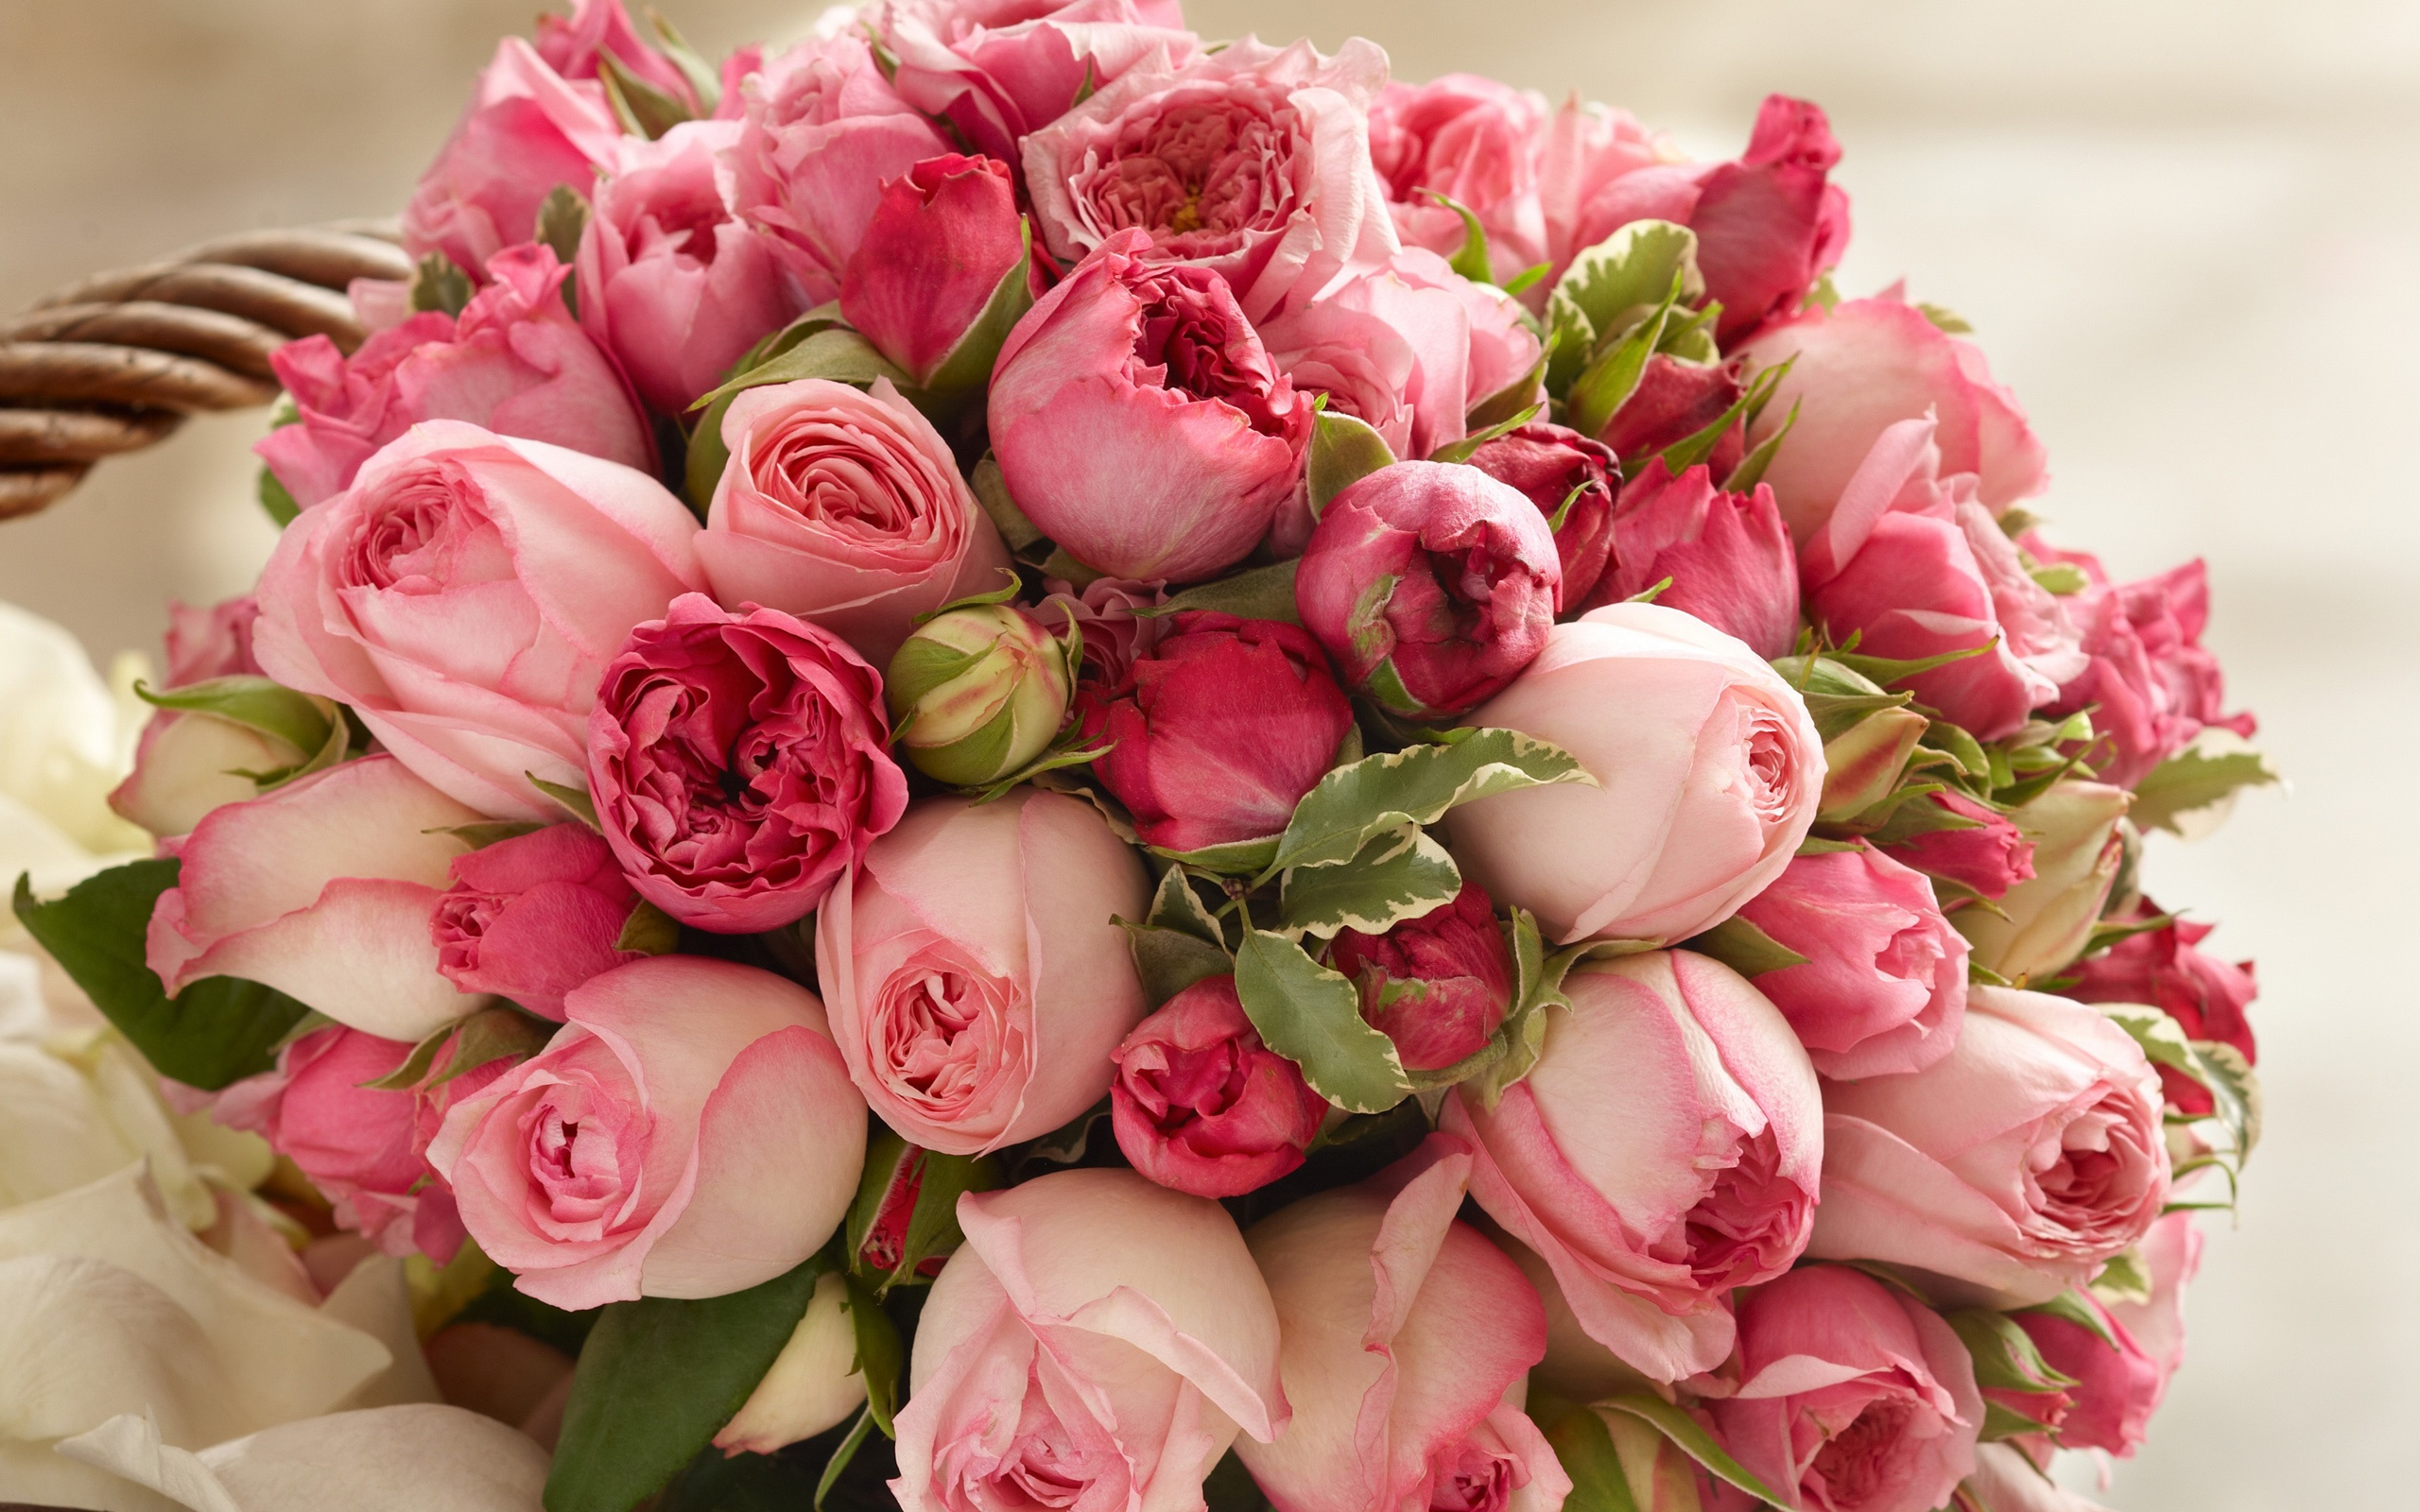 ダウンロード壁紙 2560x1600 ピンクの花、美しい花束をバラ HDのデスクトップの背景